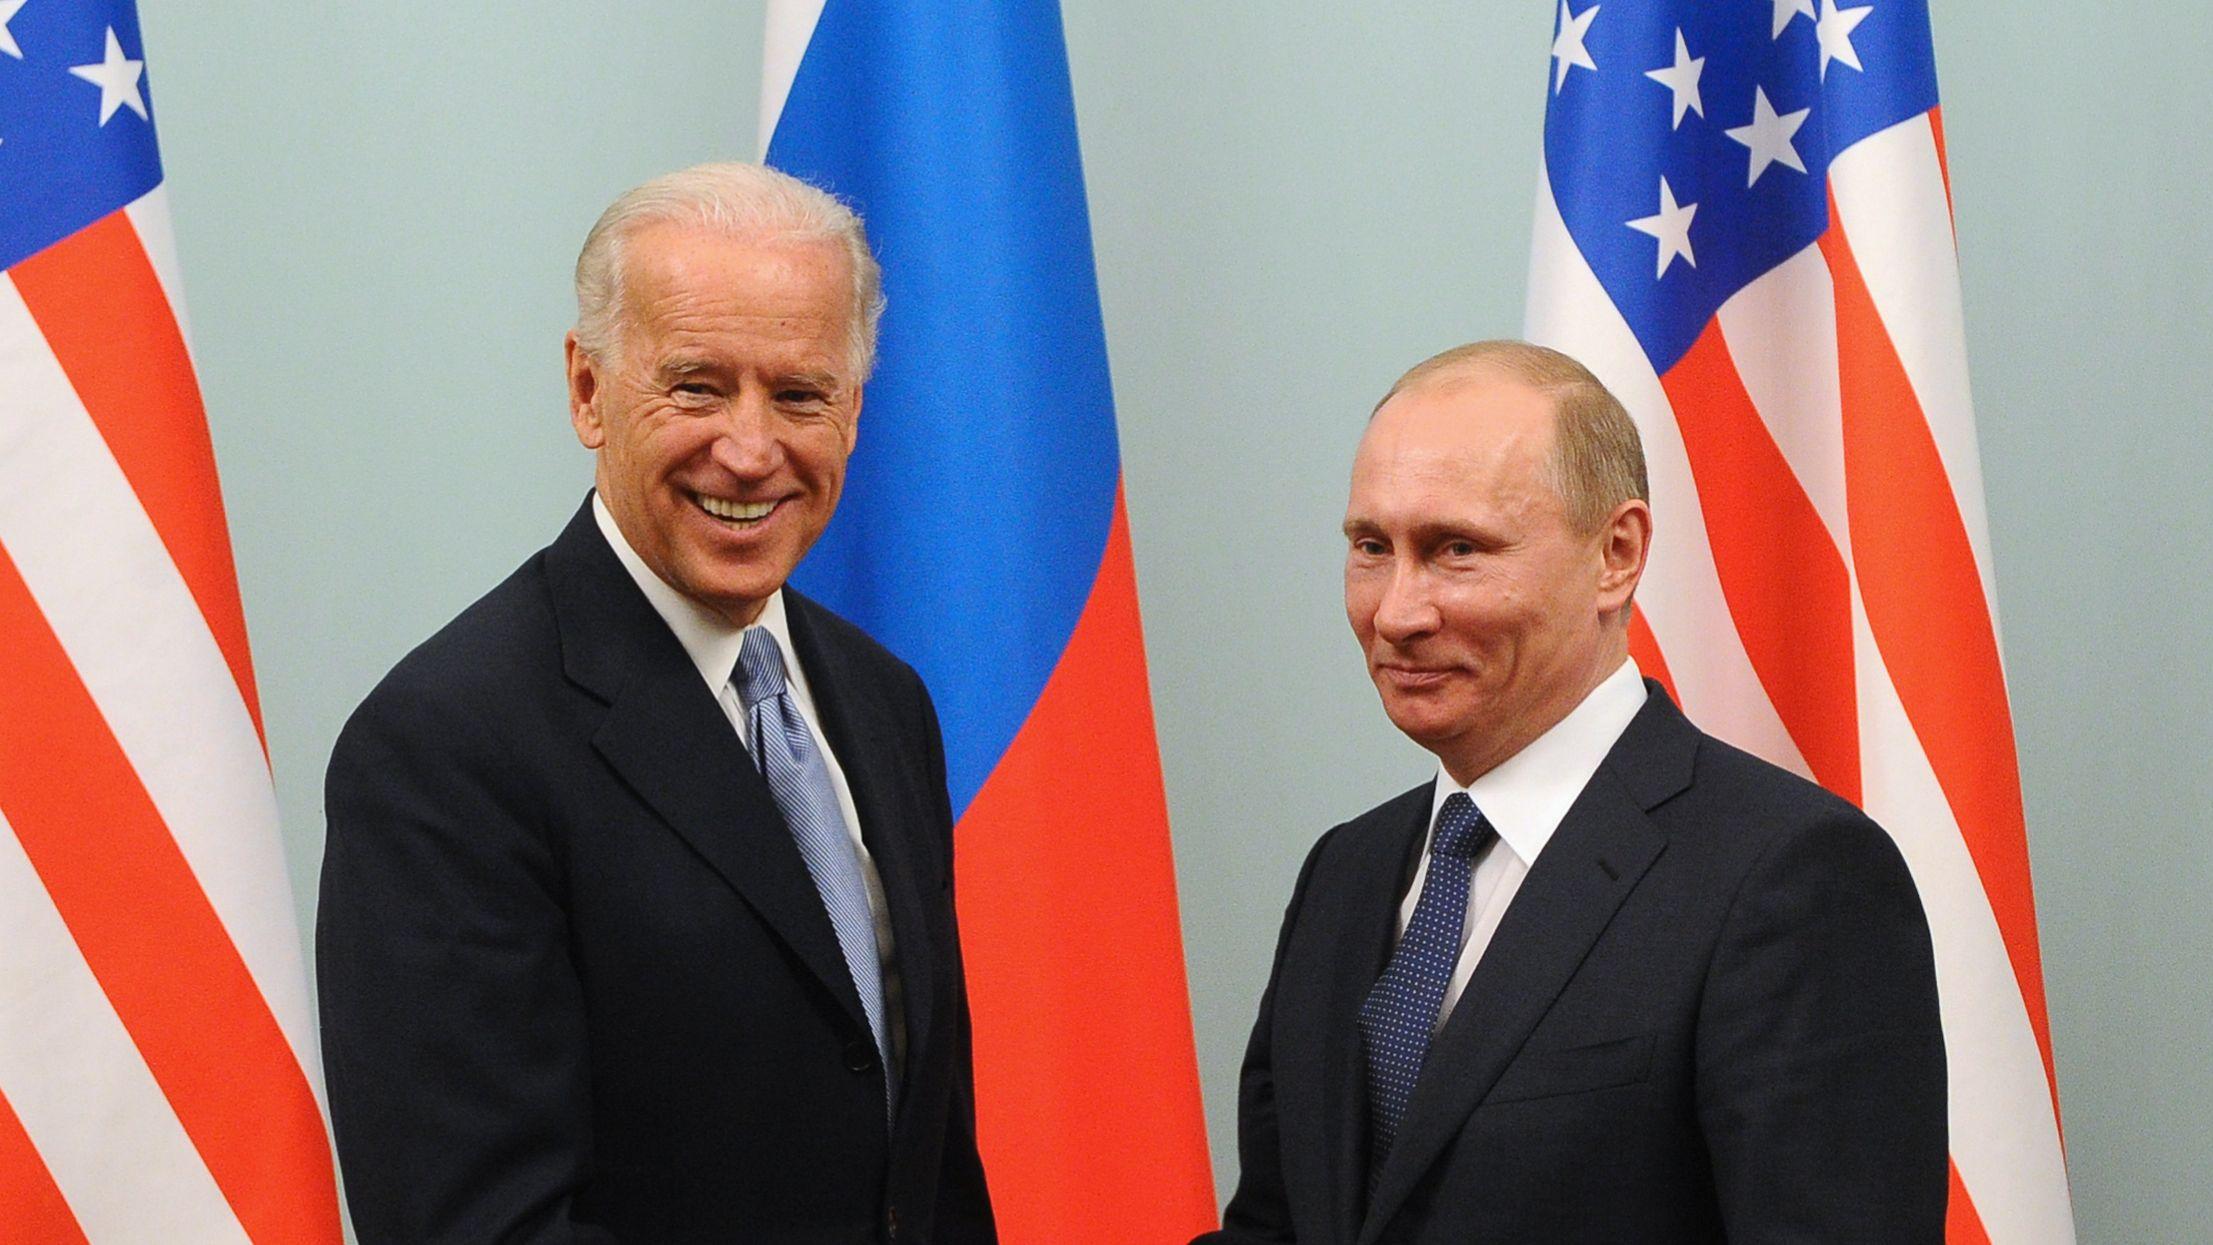 Президент Байден впервые поговорил с Путиным. В том числе о Навальном - BBC  News Русская служба